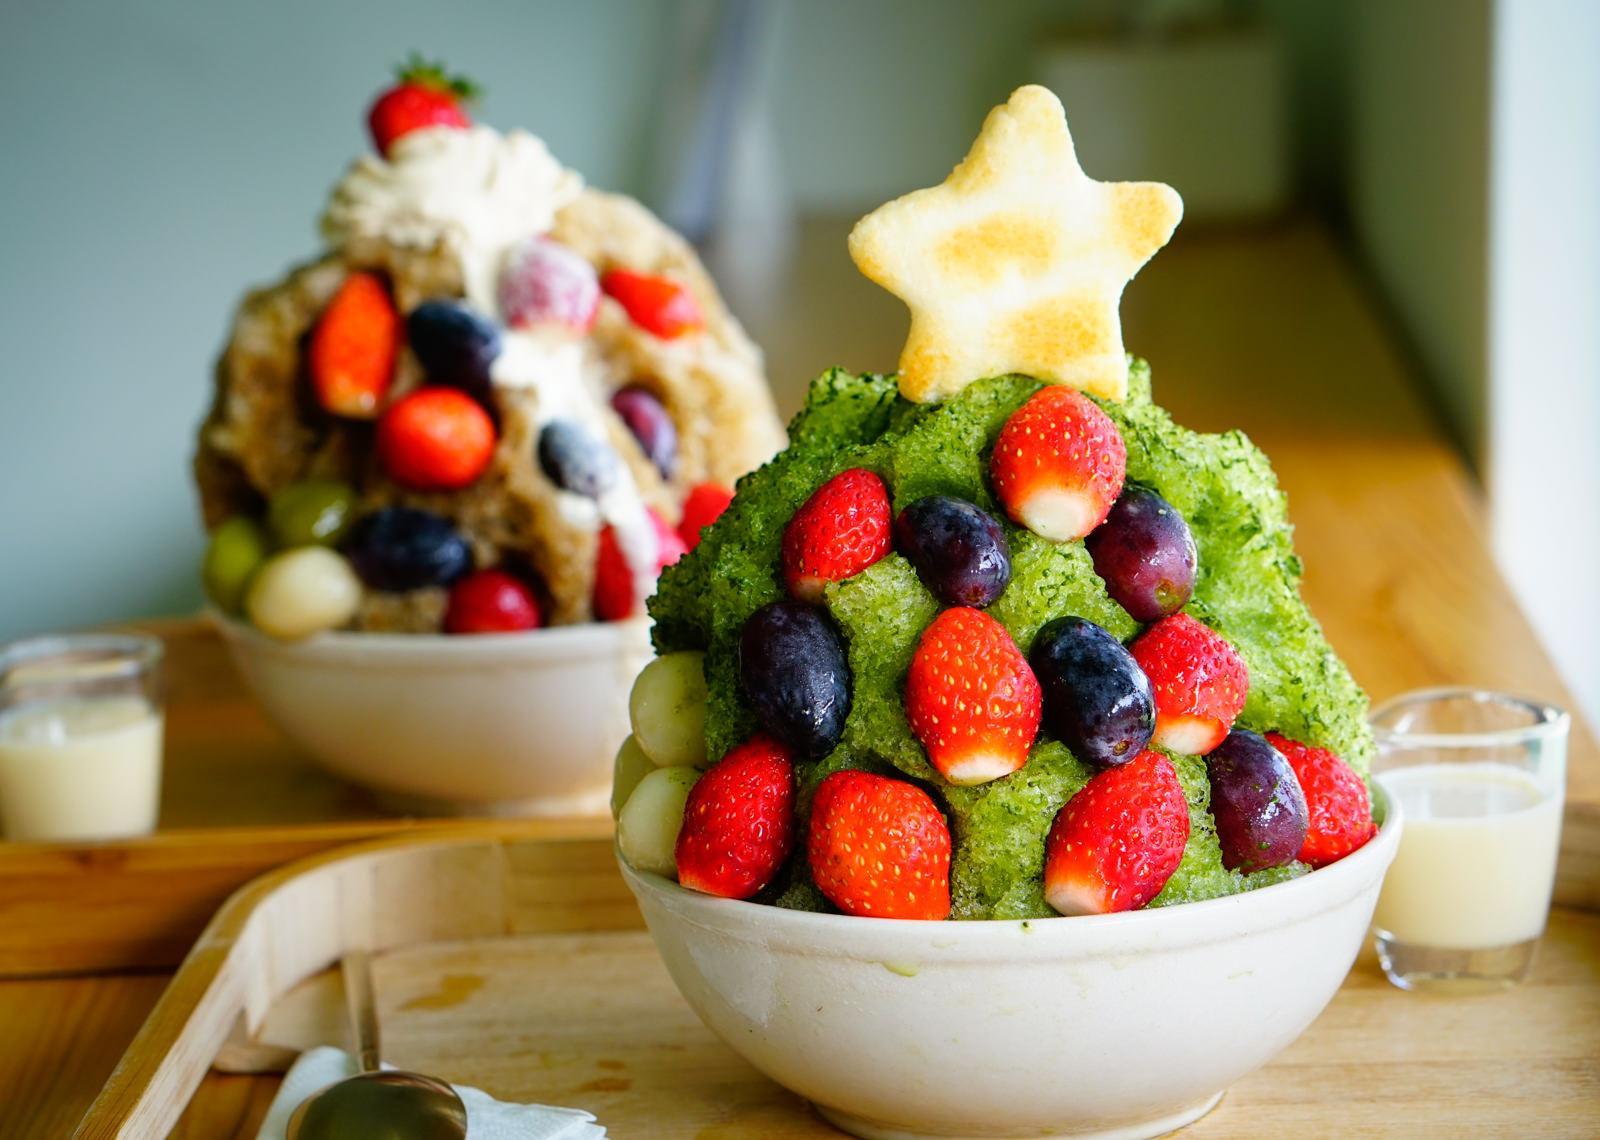 [高雄]冰屋-小山園抹茶聖誕樹刨冰x惡魔甜心草莓冰 @美食好芃友